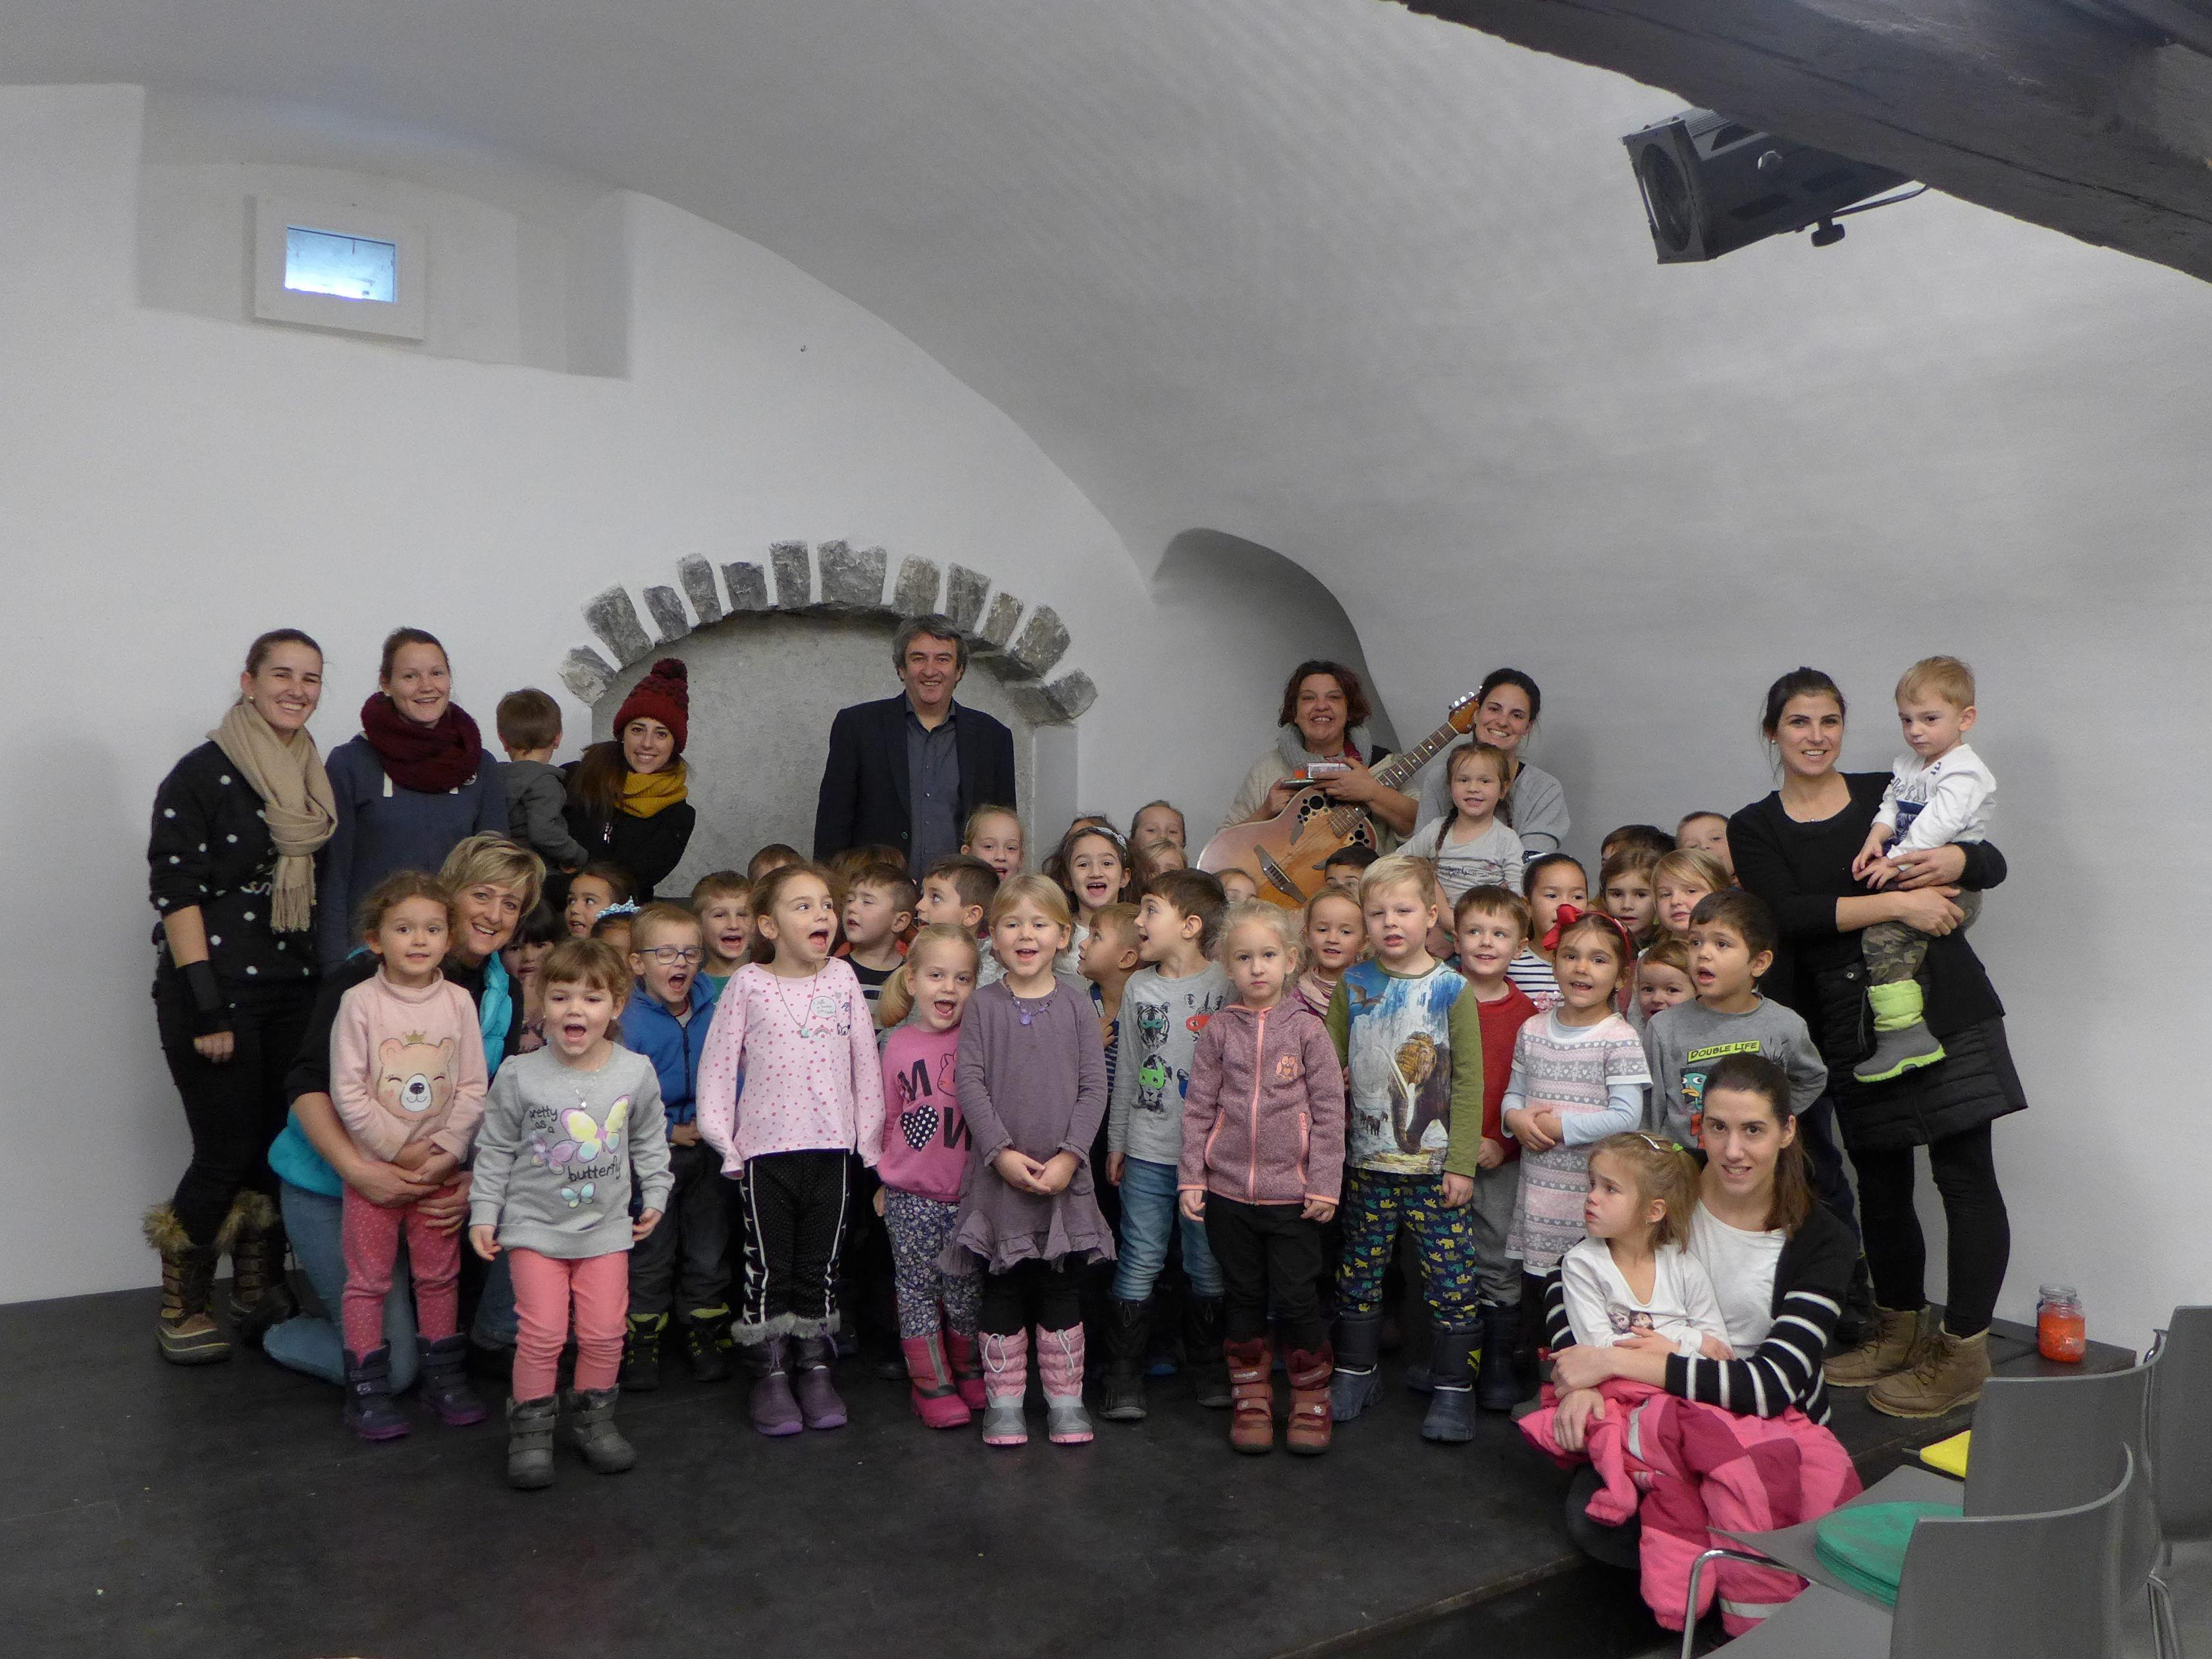 Weihnachtliche Stimmung und glänzende Kinderaugen im Kellertheater ...